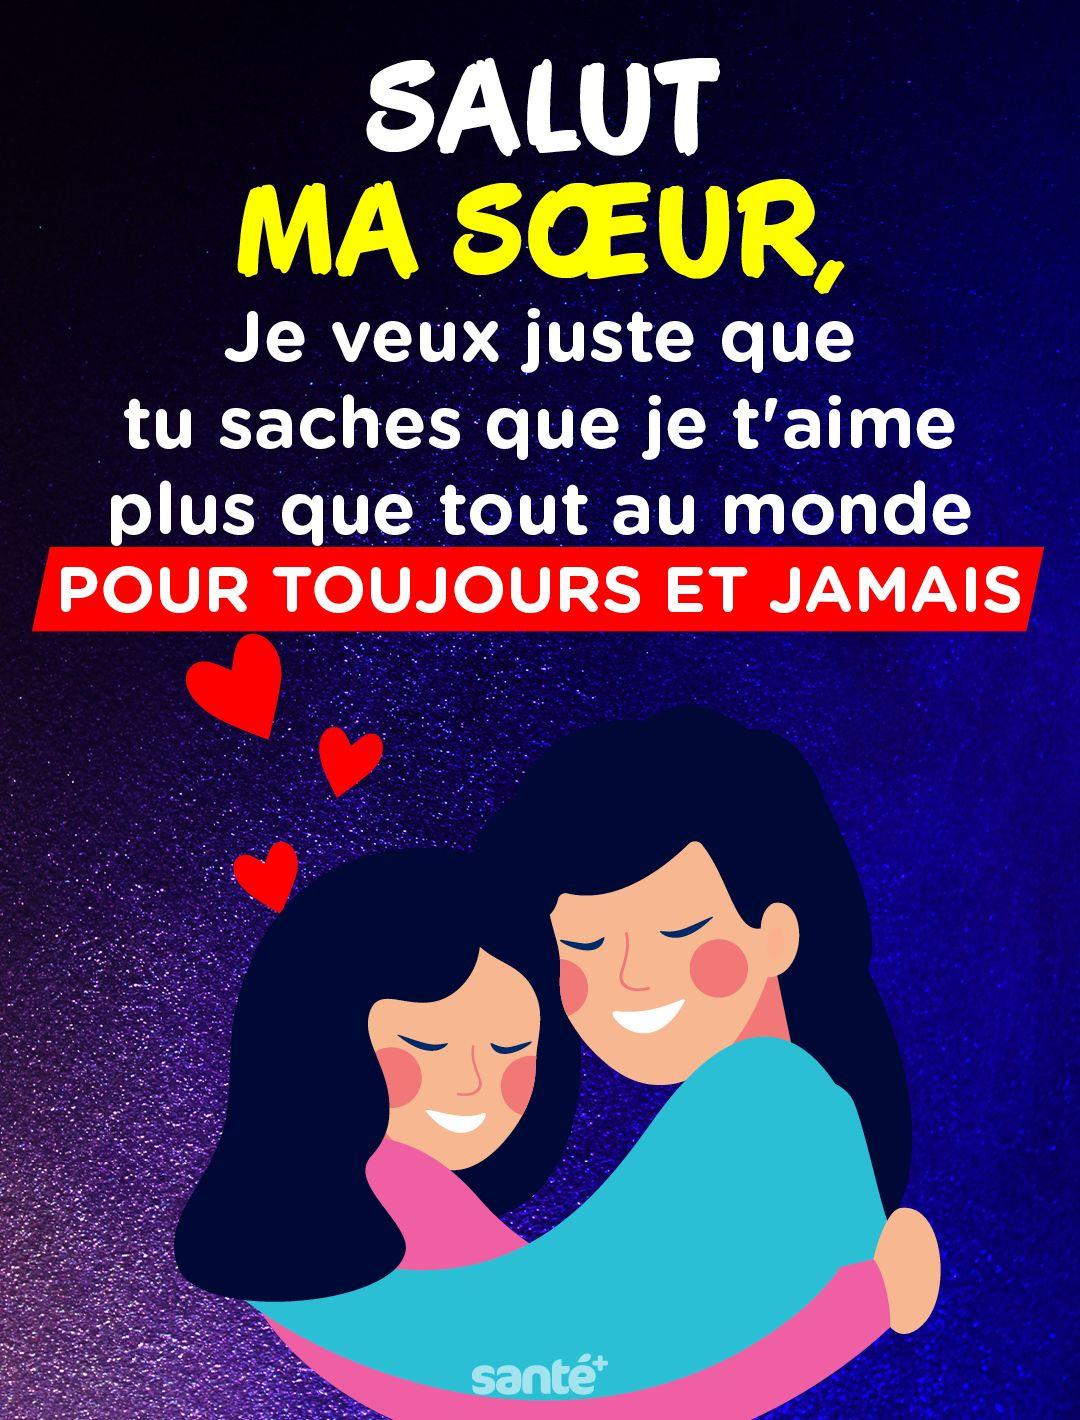 Je T Aime Ma Soeur Citation : soeur, citation, SALUT, SŒUR,, Juste, Saches, T'aime, Monde, TOUJOURS, JAMAIS, Attitude, Positive,, Citation, Francais,, Pensée